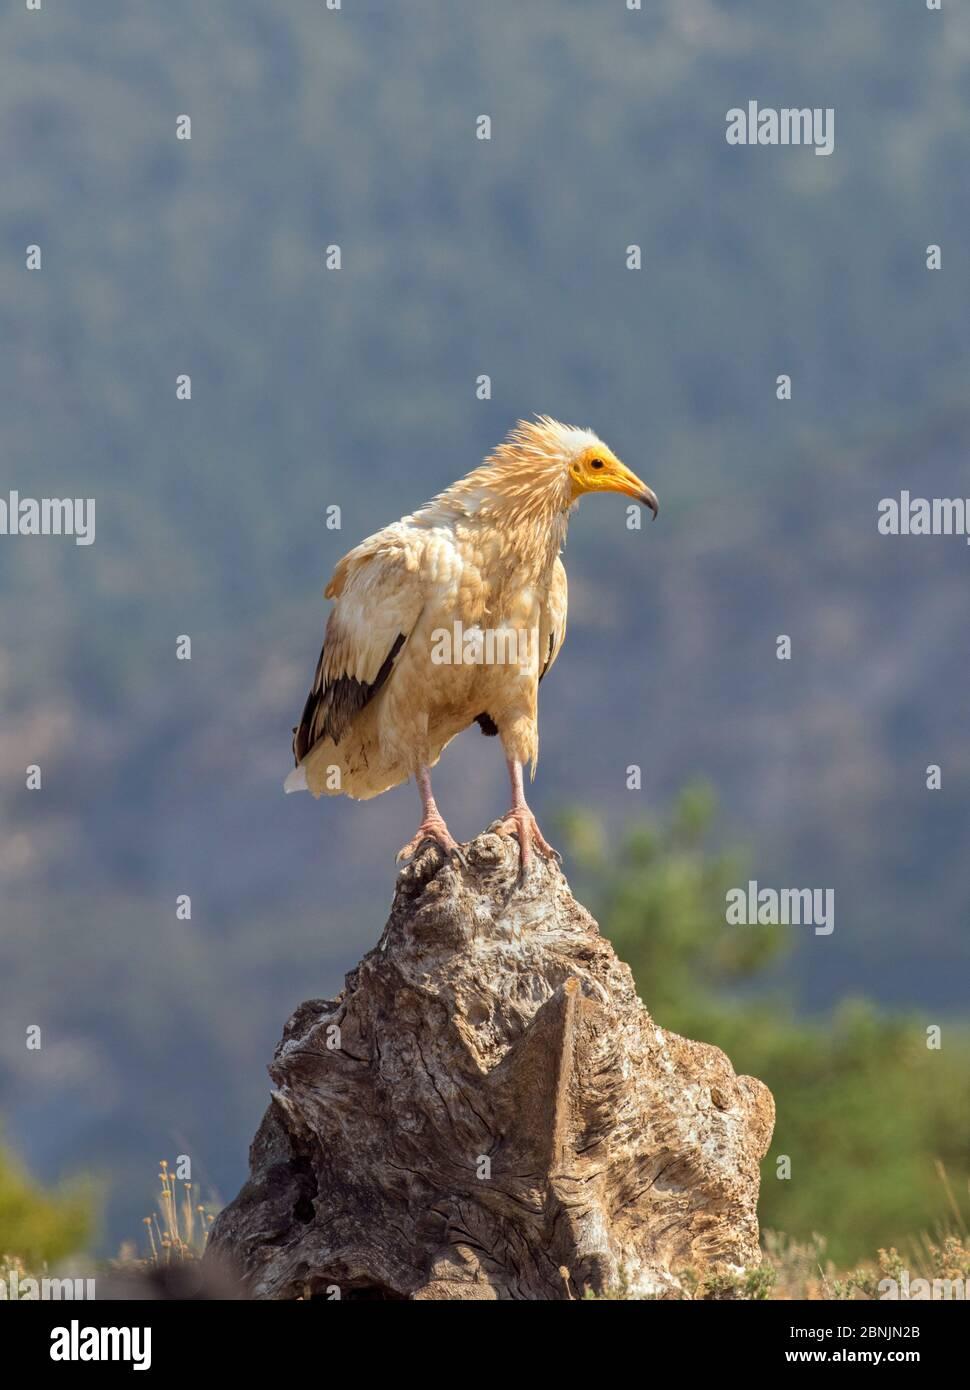 Vautour égyptien (Neophron percnopterus) perchée sur le rocher, Pyrénées, Espagne juillet Banque D'Images